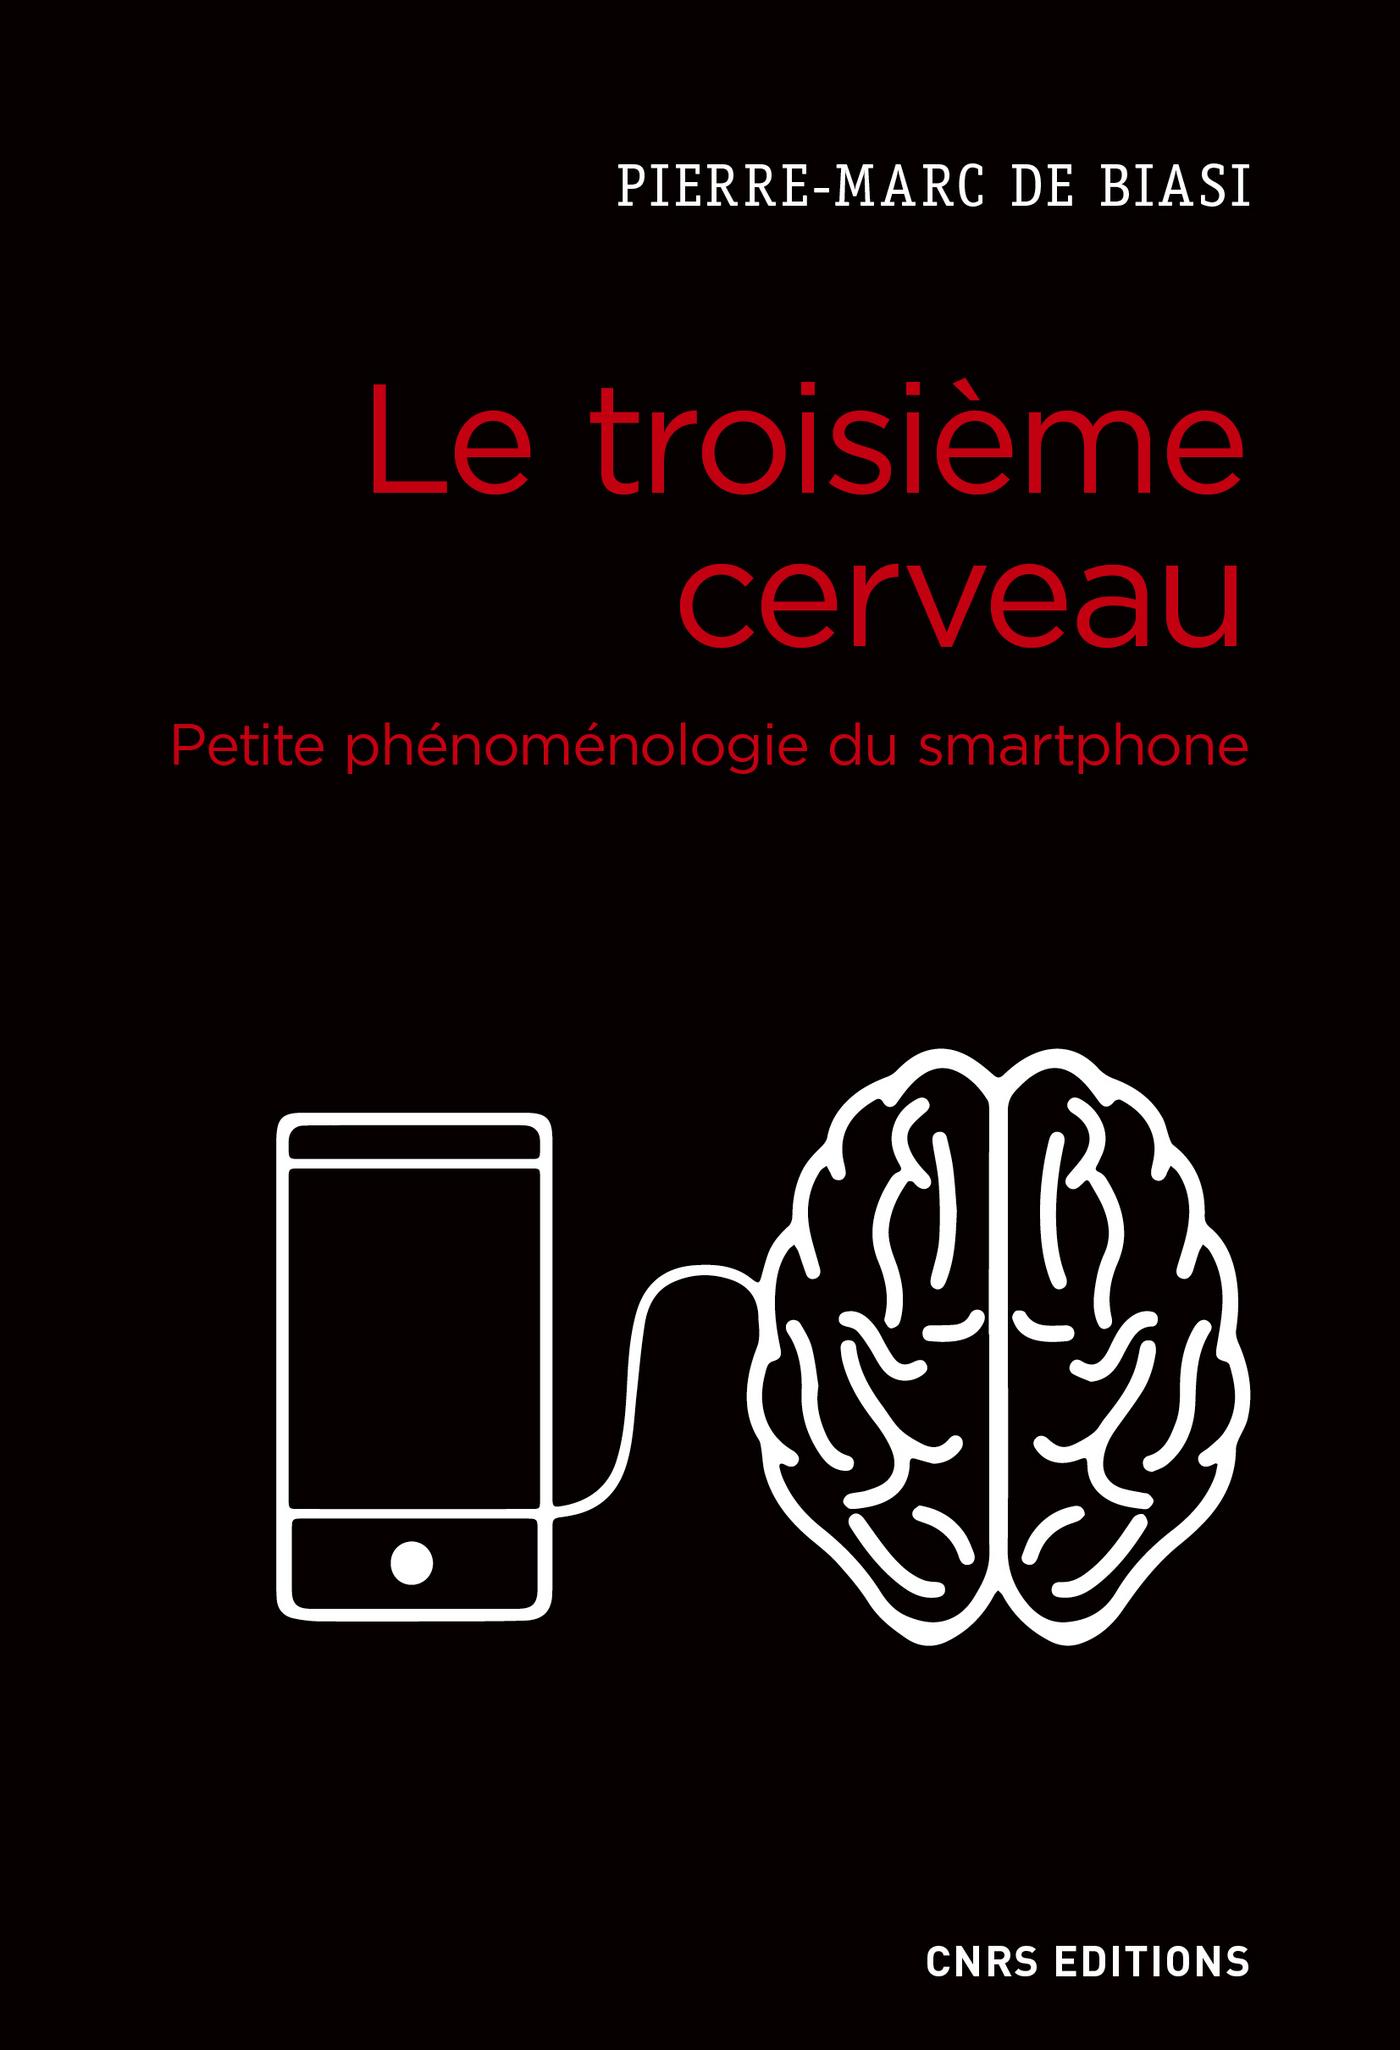 Le troisième cerveau. Petite phénoménologie du smartphone | Biasi, Pierre-marc de